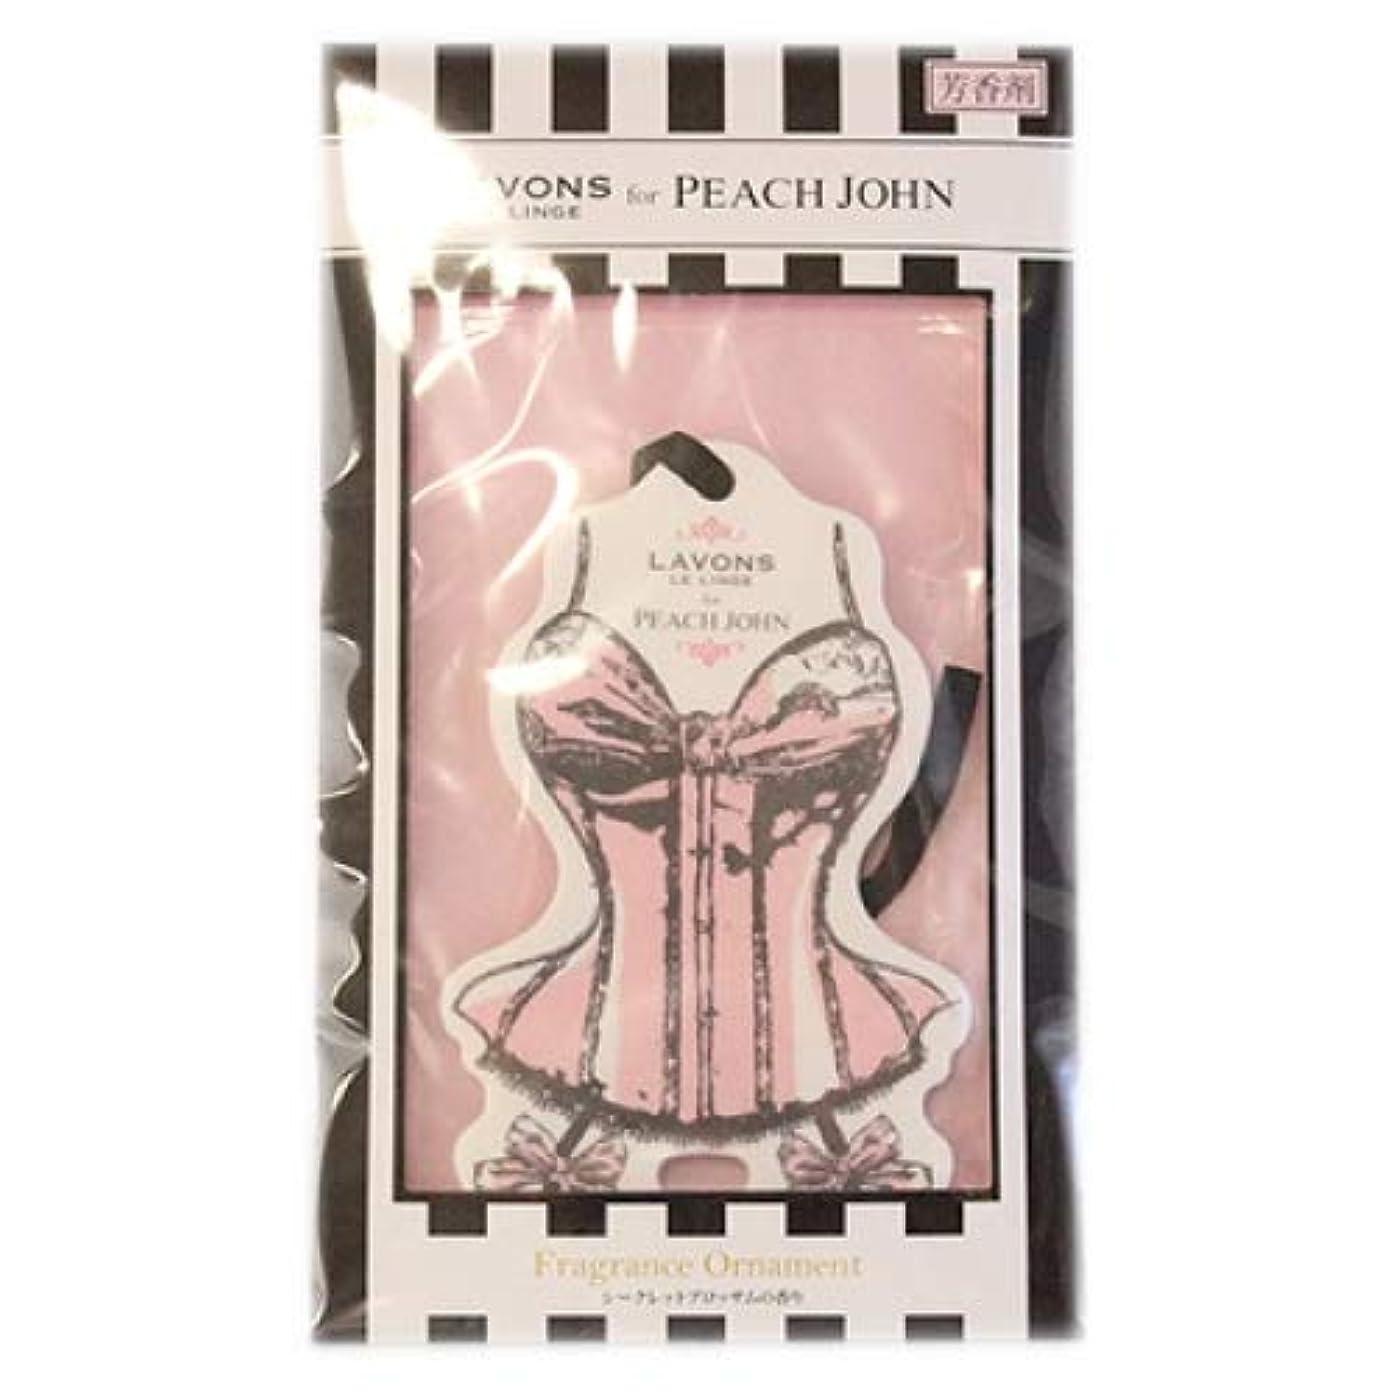 ラインナップ店主たるみラボン フレグランスオーナメント シークレットブロッサム PEACH JOHNコラボシリーズ